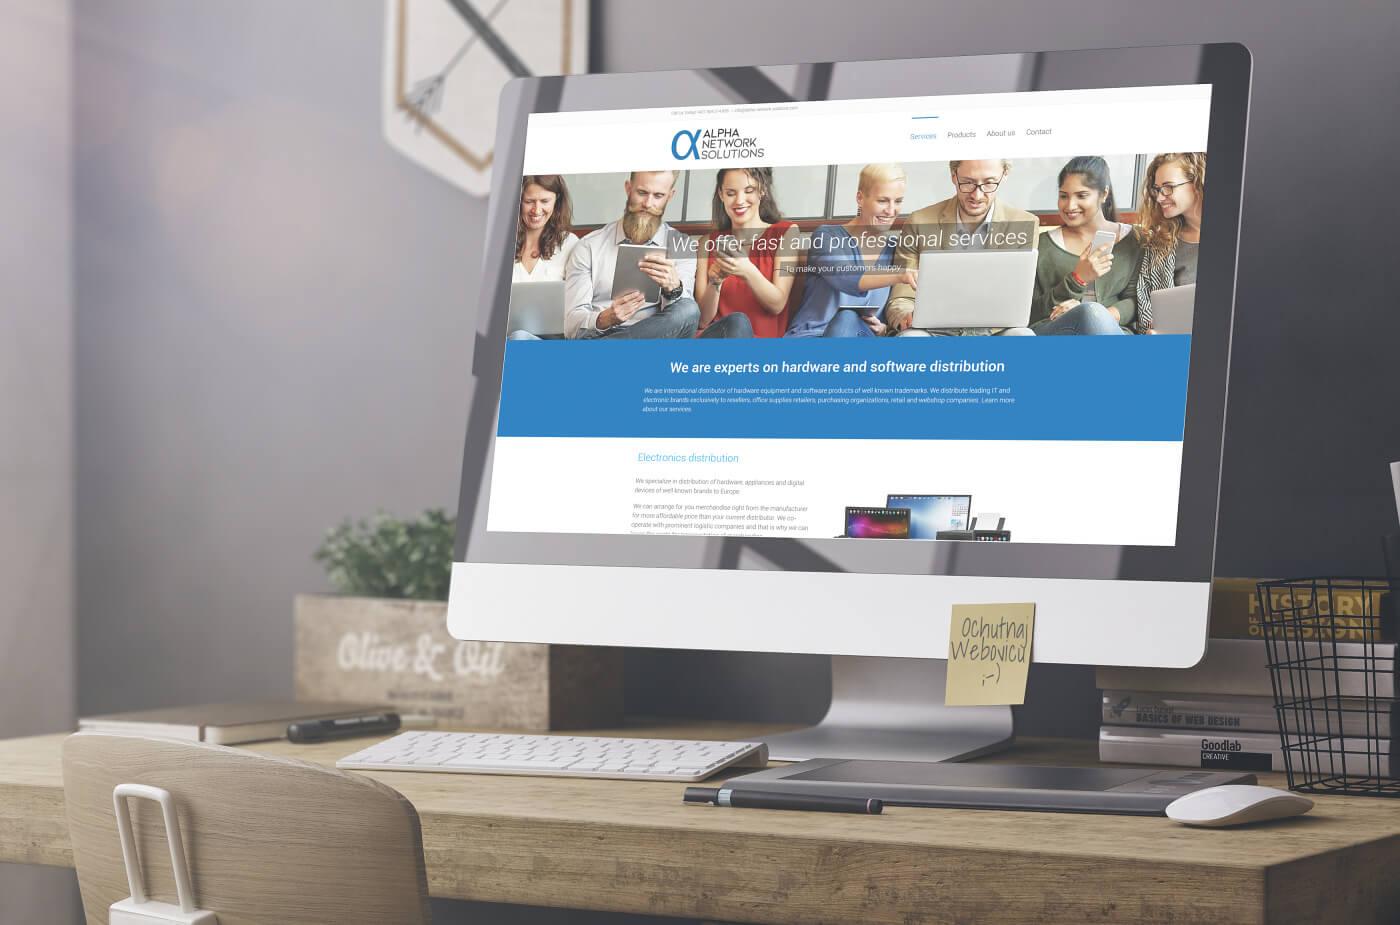 Tvorba web stránky pre dodávateľa elektroniky alphanetworksolution.com | Webovica.sk